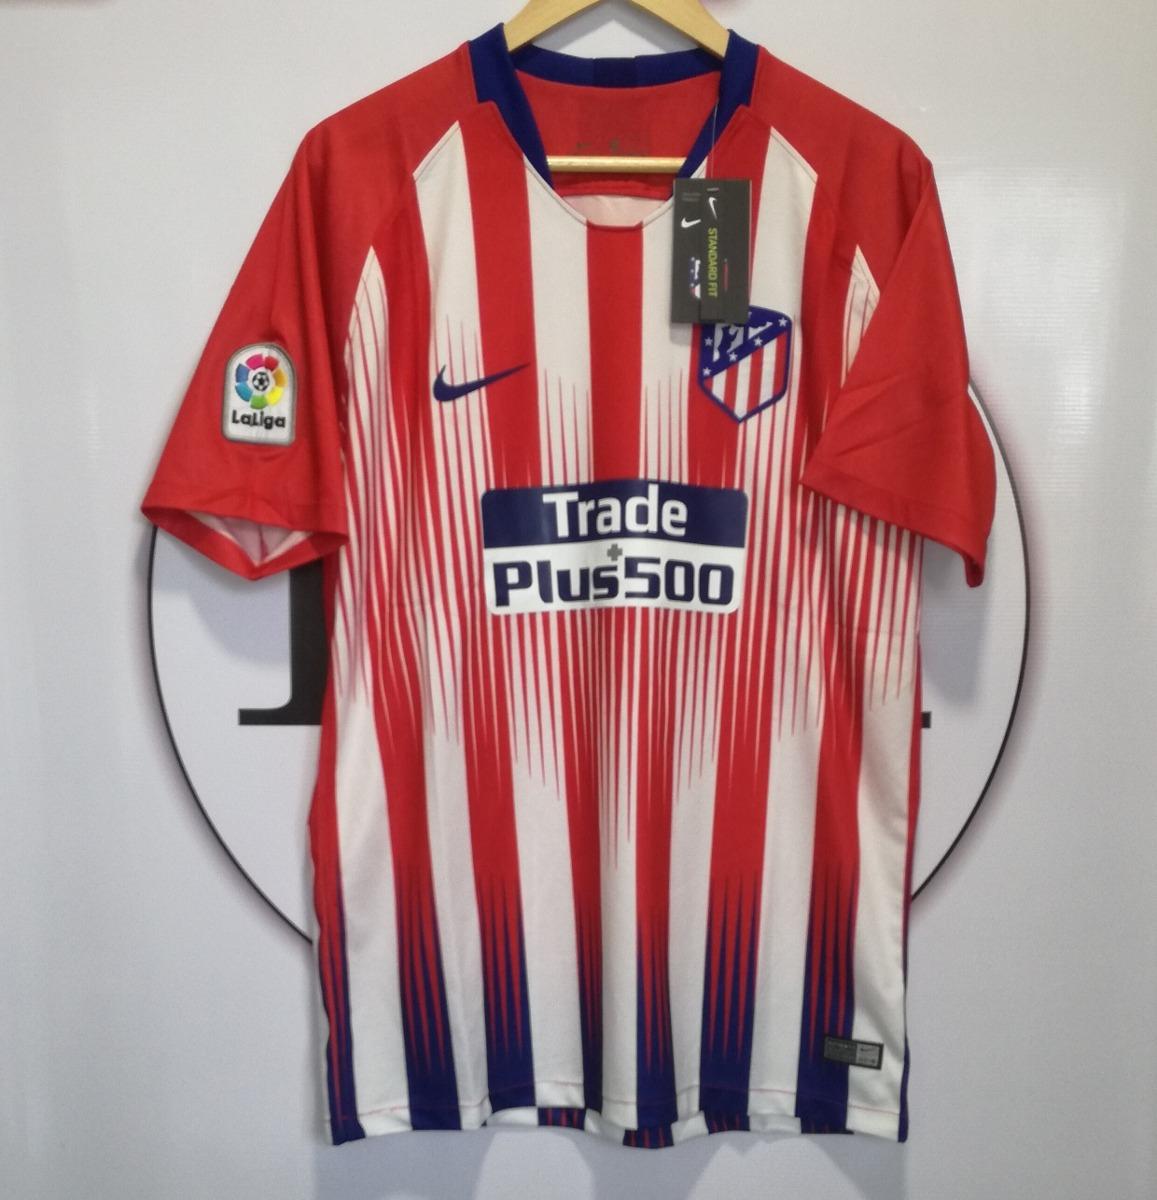 Oferta 25%off Atlético Madrid Oficial 2018-2019 100%original ... f14c928da891f